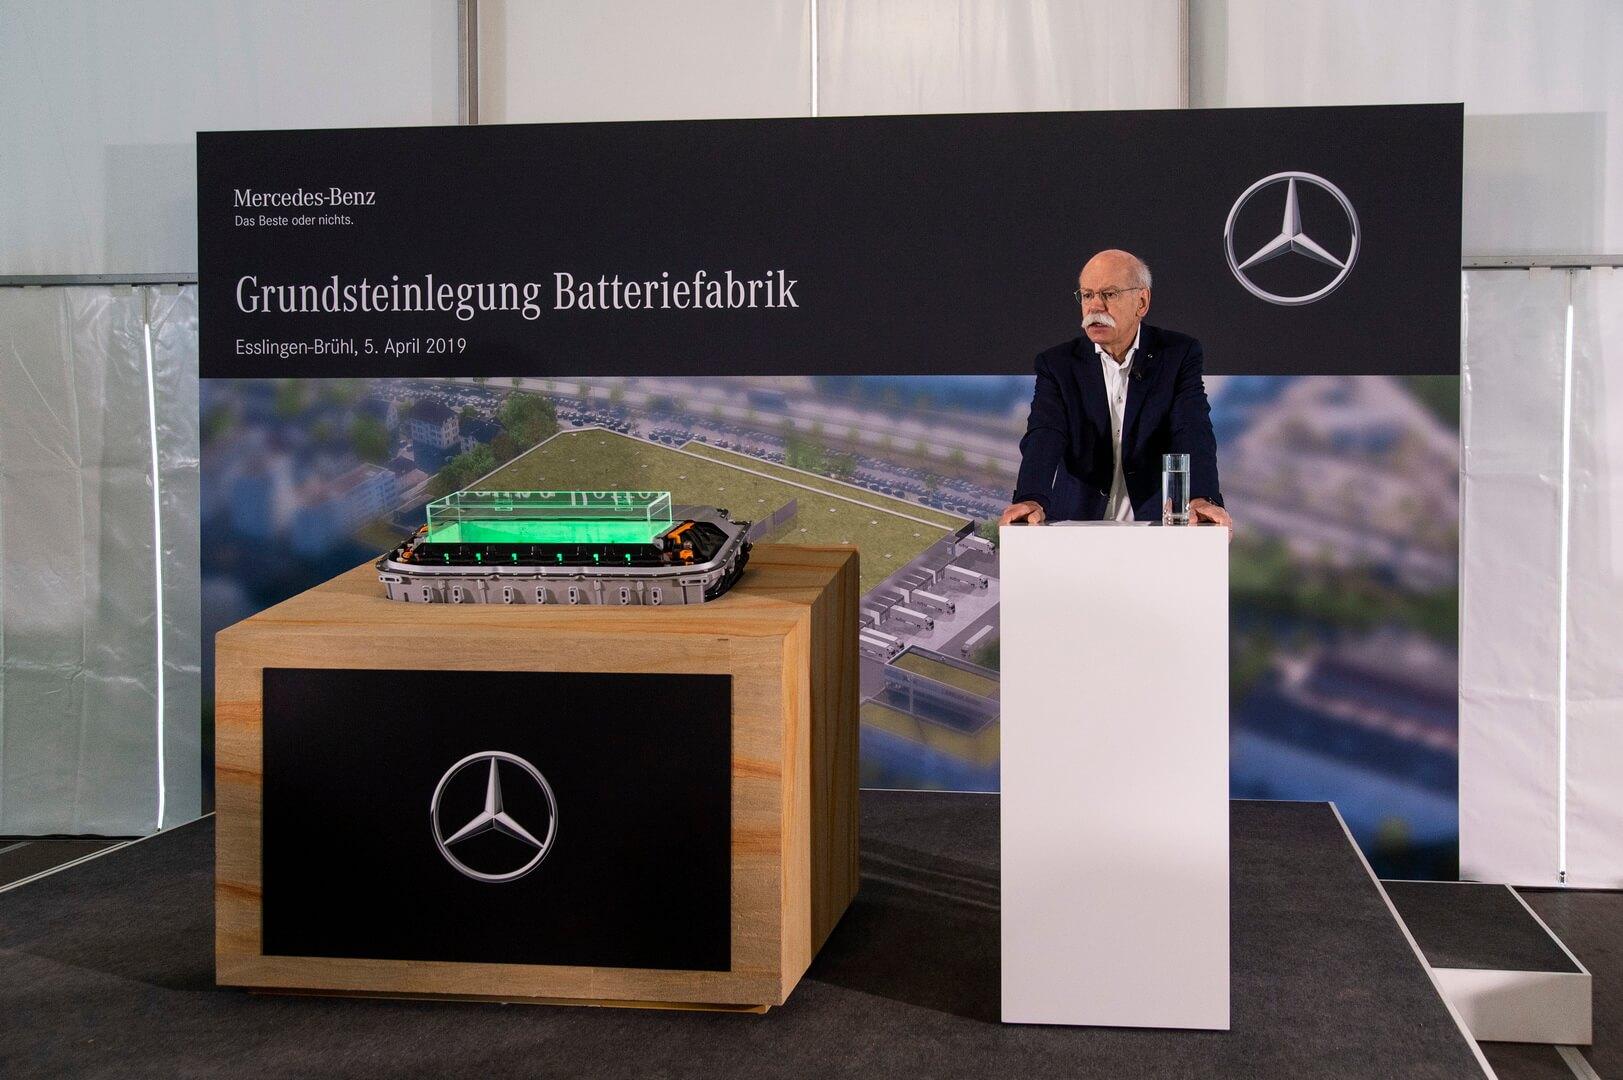 Дитер Цетше: строительство аккумуляторного завода является хорошим сигналом для устойчивости мобильности